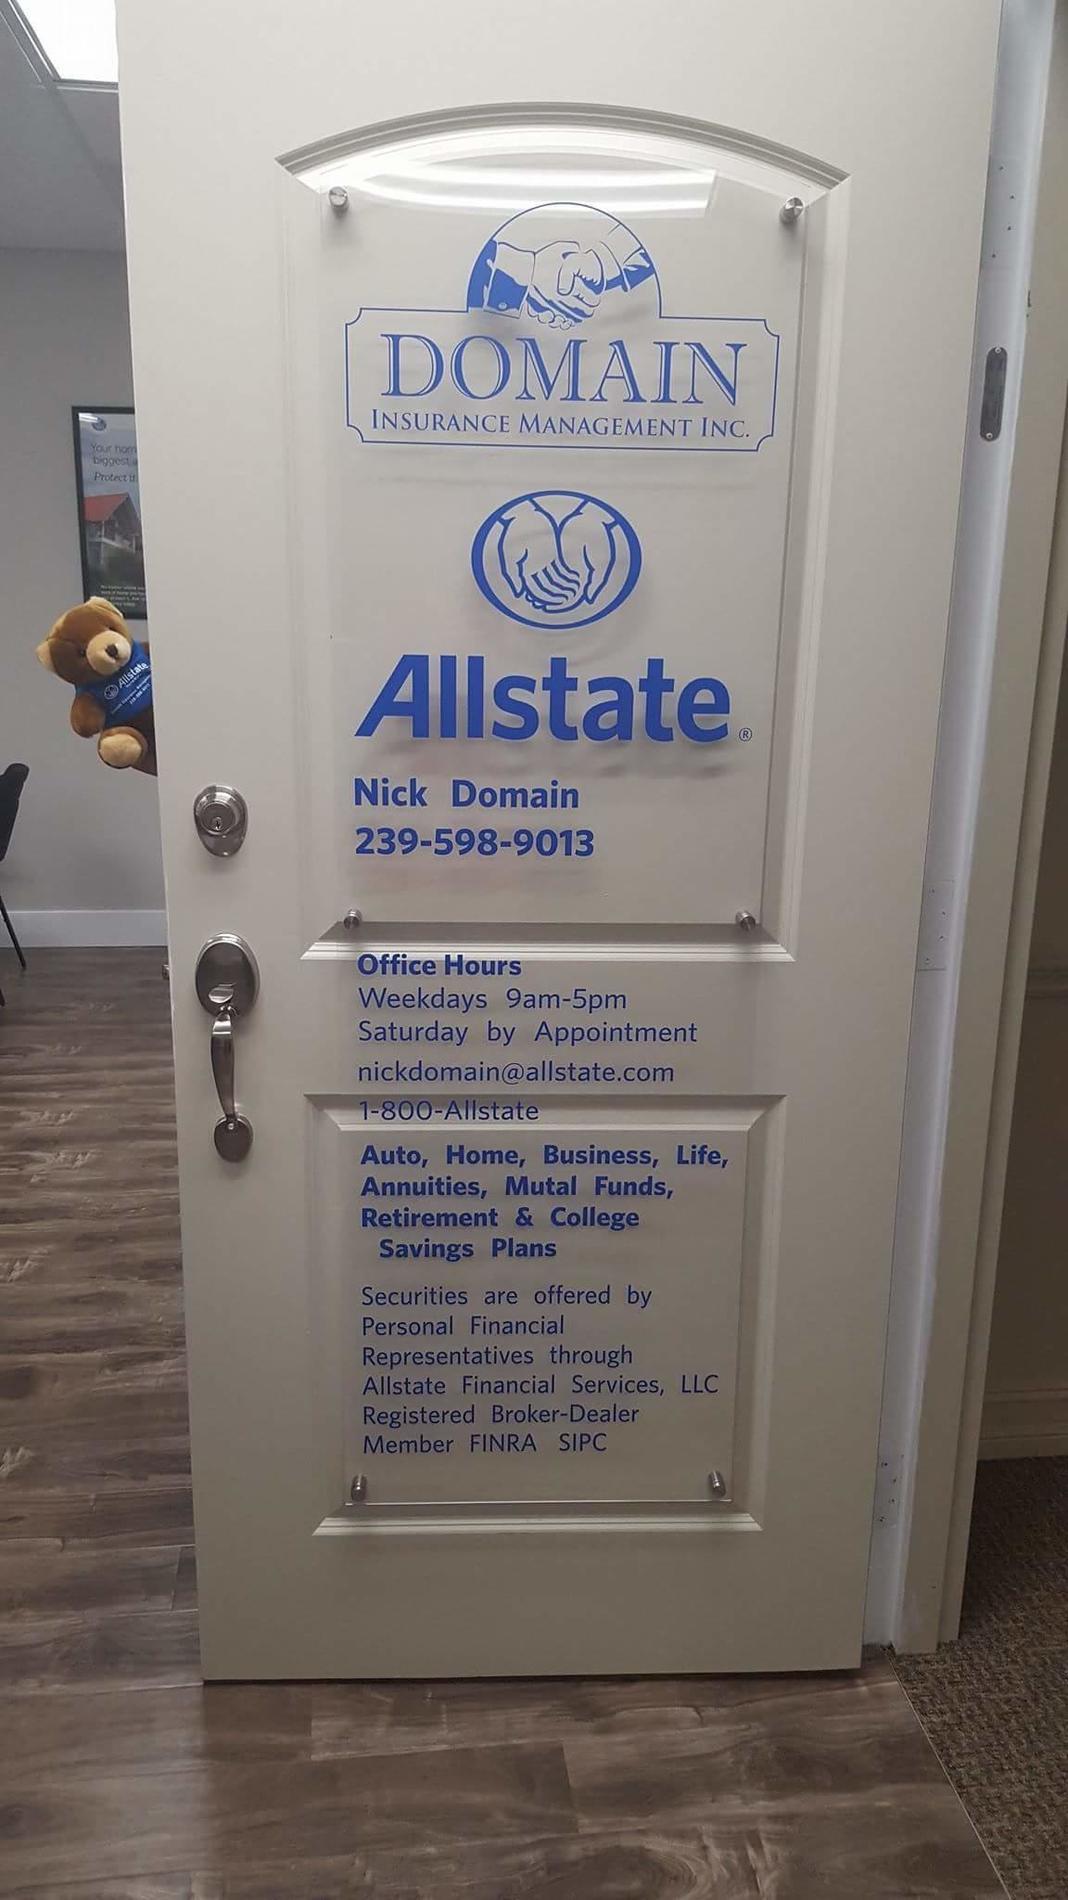 Allstate | Car Insurance in Naples, FL - Nick Domain